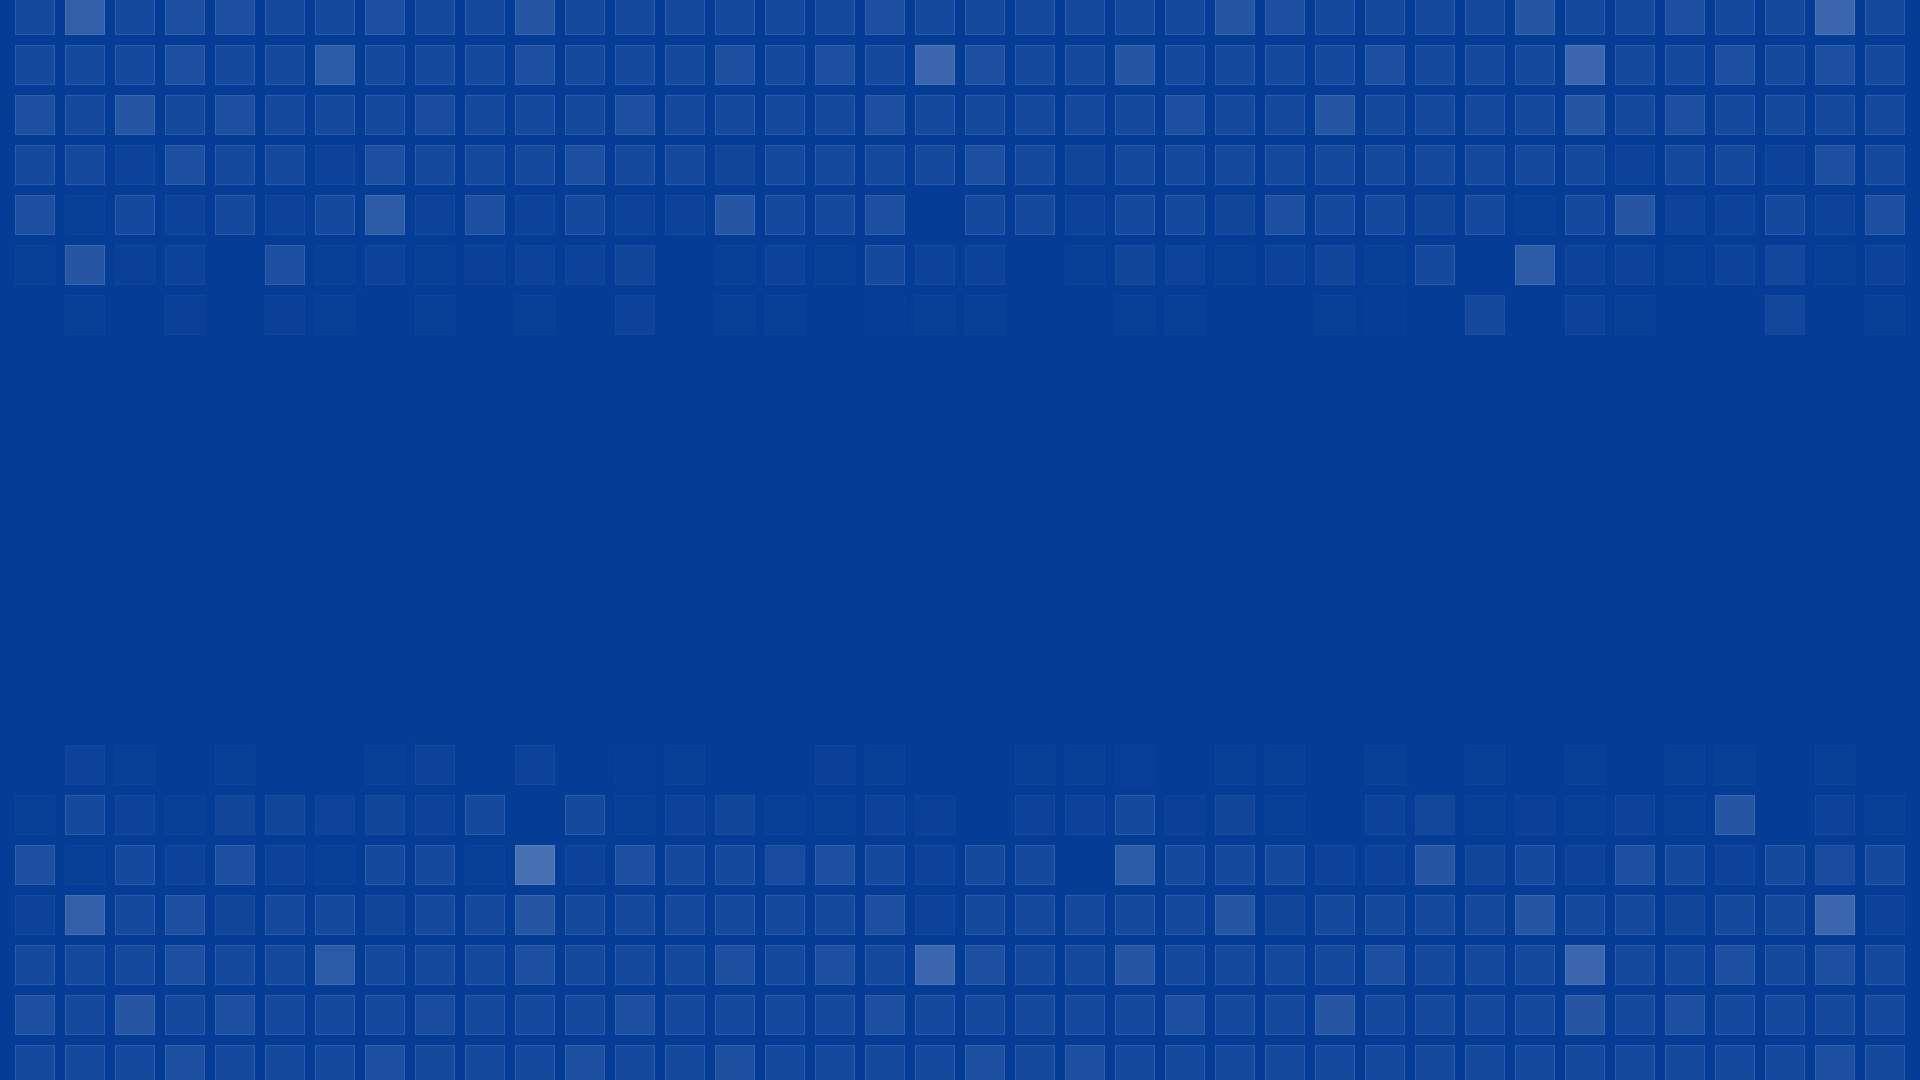 Wallpaper Cubes Point Blue Light Hd Wallpaper 1080p Upload at June 1920x1080